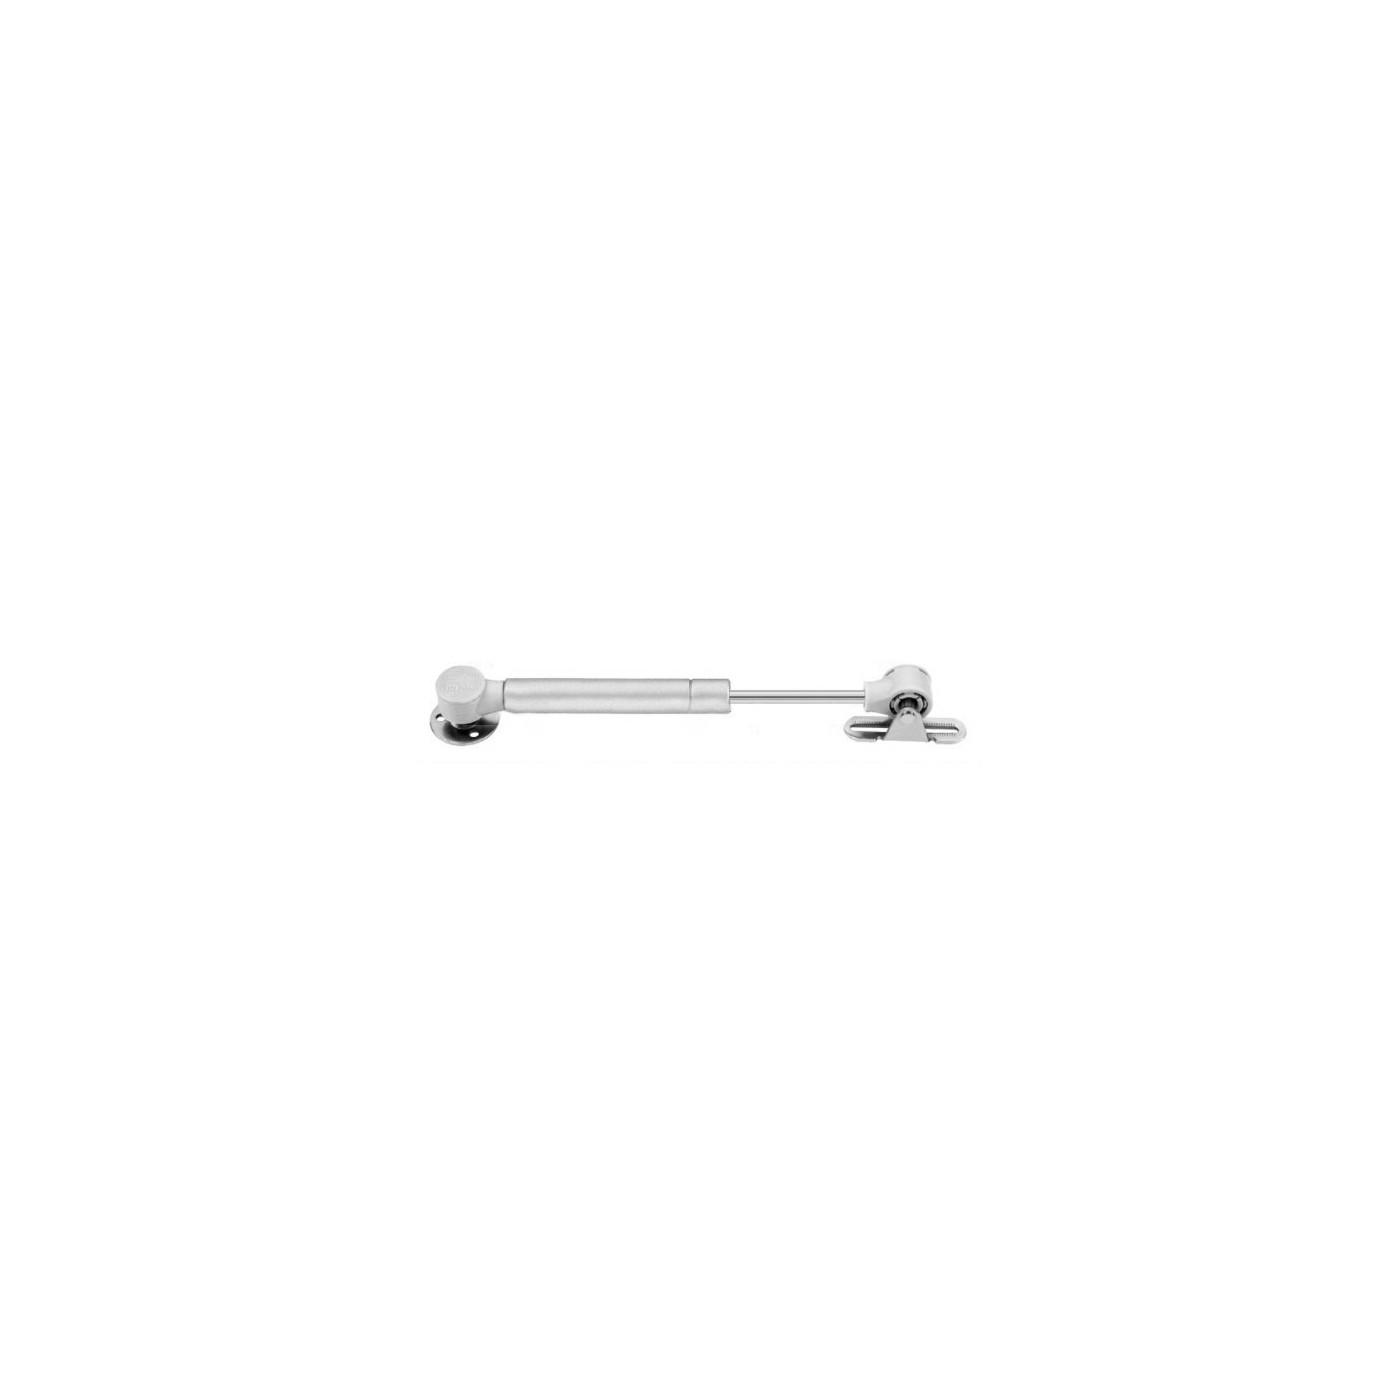 Universelle Gasfeder mit Halterungen (100N/10kg, 172 mm, Silber)